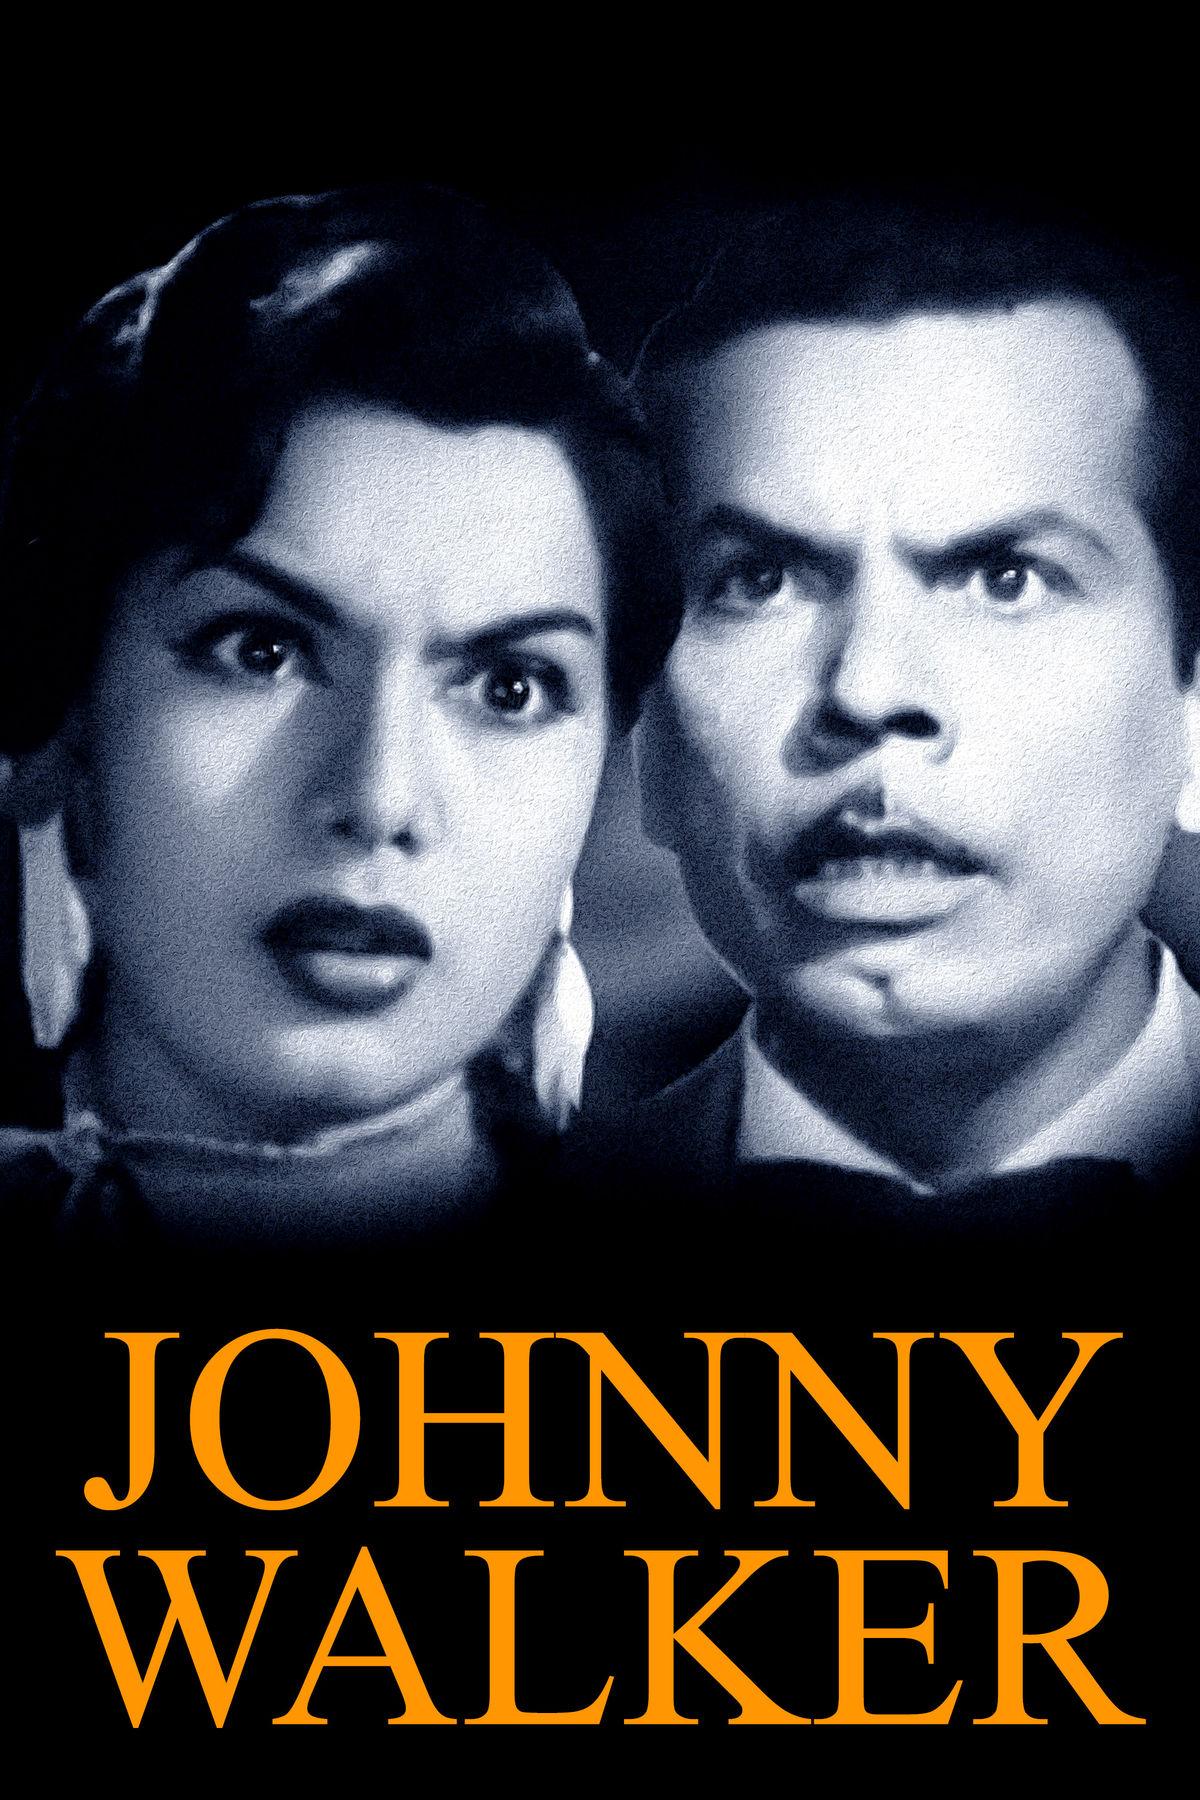 Johnny Walker